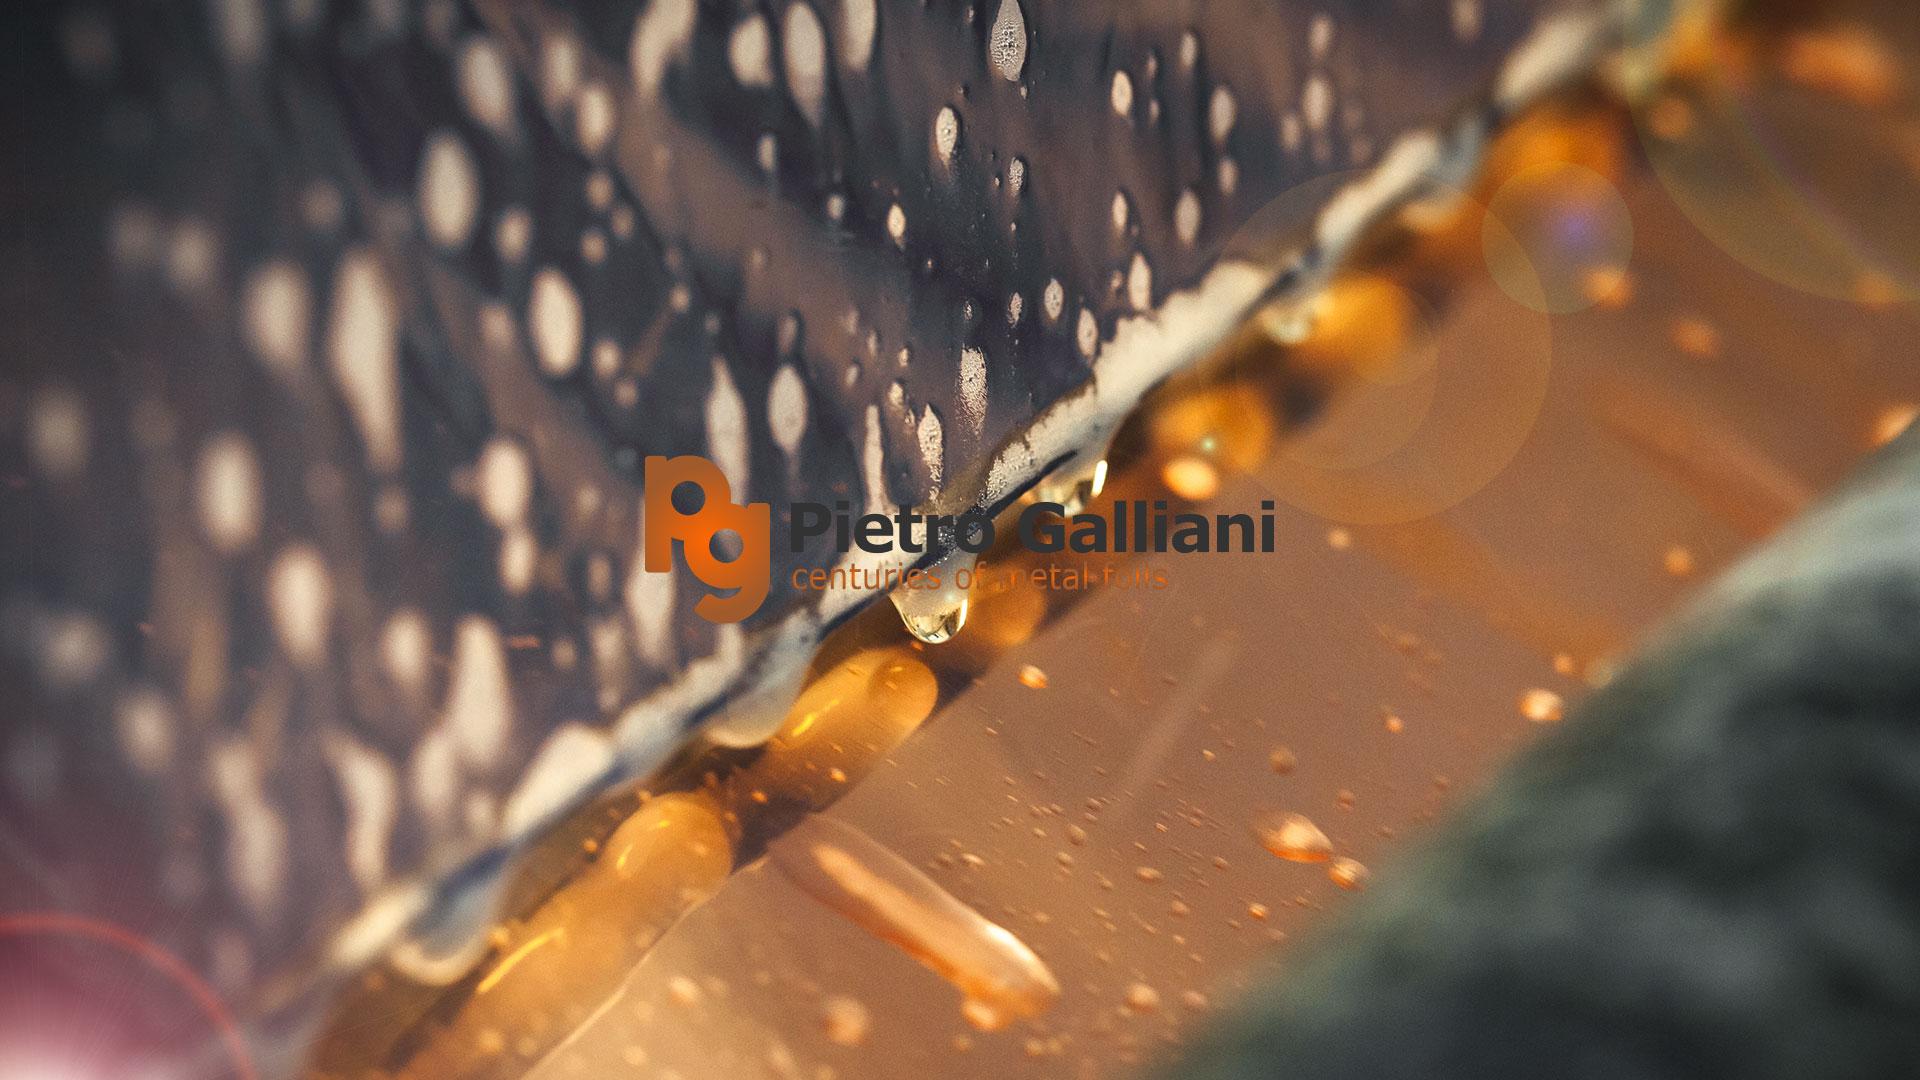 Pietro Galliani - Restyling immagine aziendale - Studio FLO